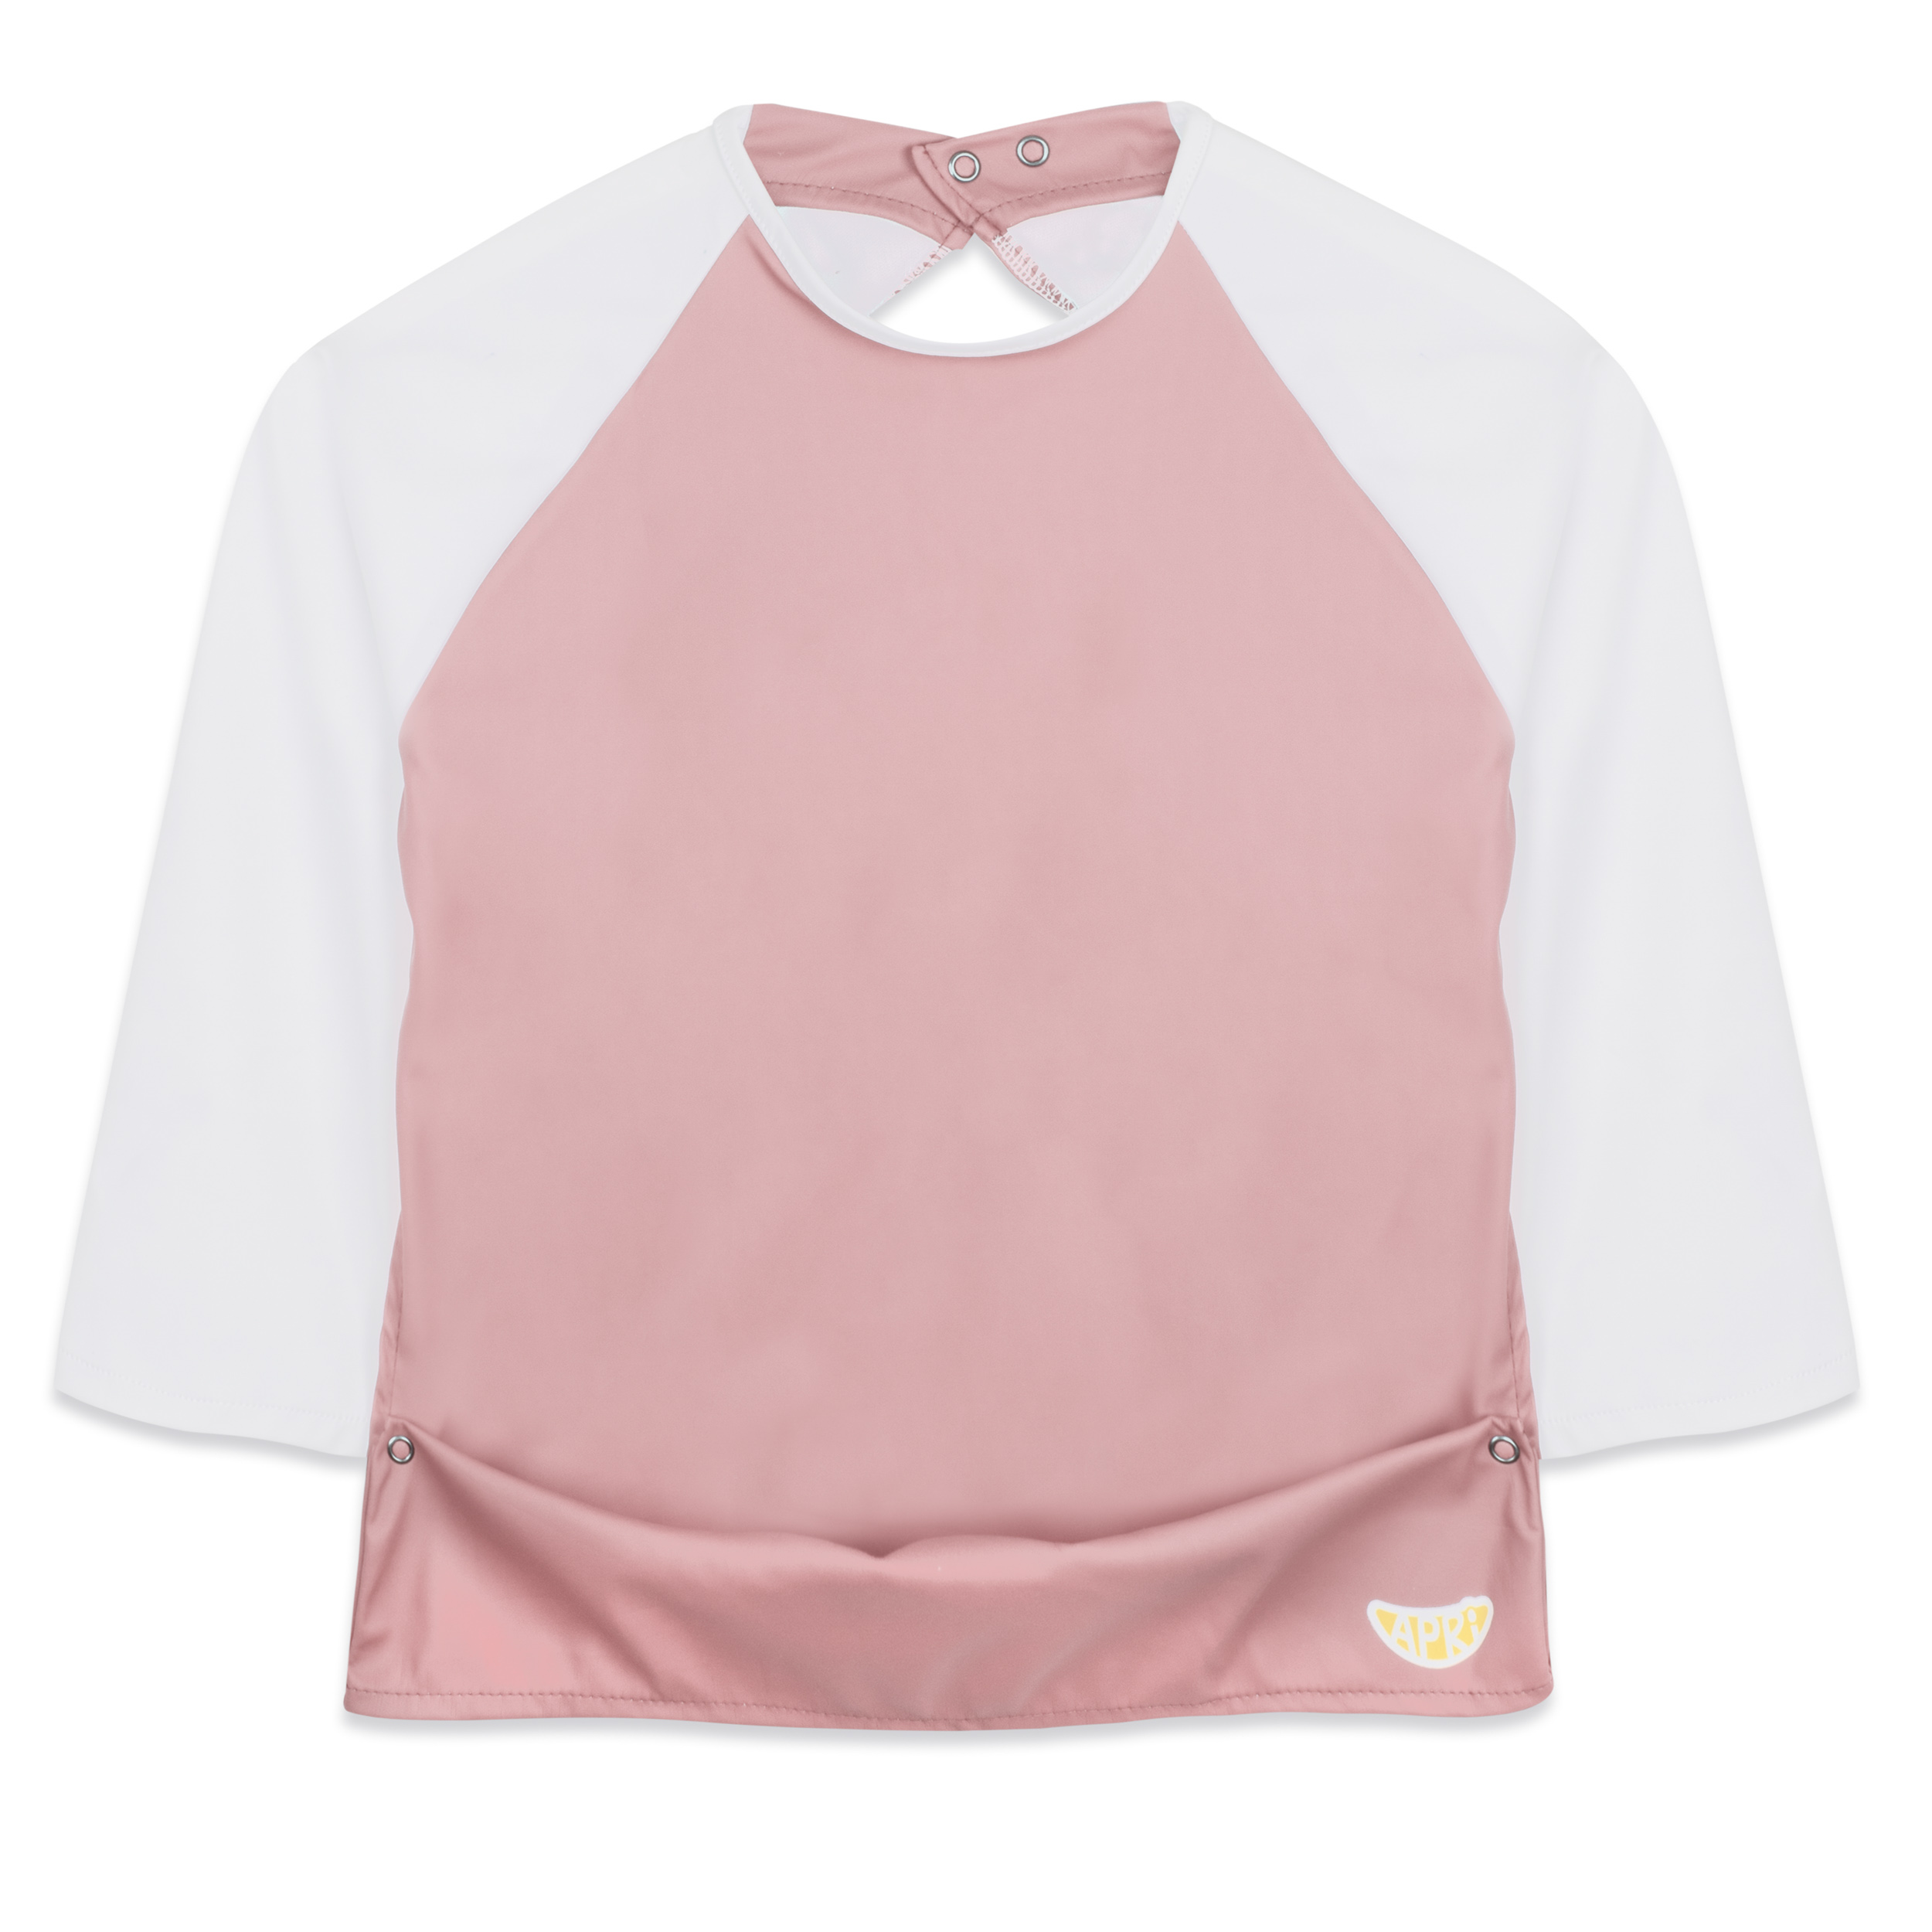 סינר חולצה בצבע ורוד, שרוולים בצבע לבן, ללא הדפס